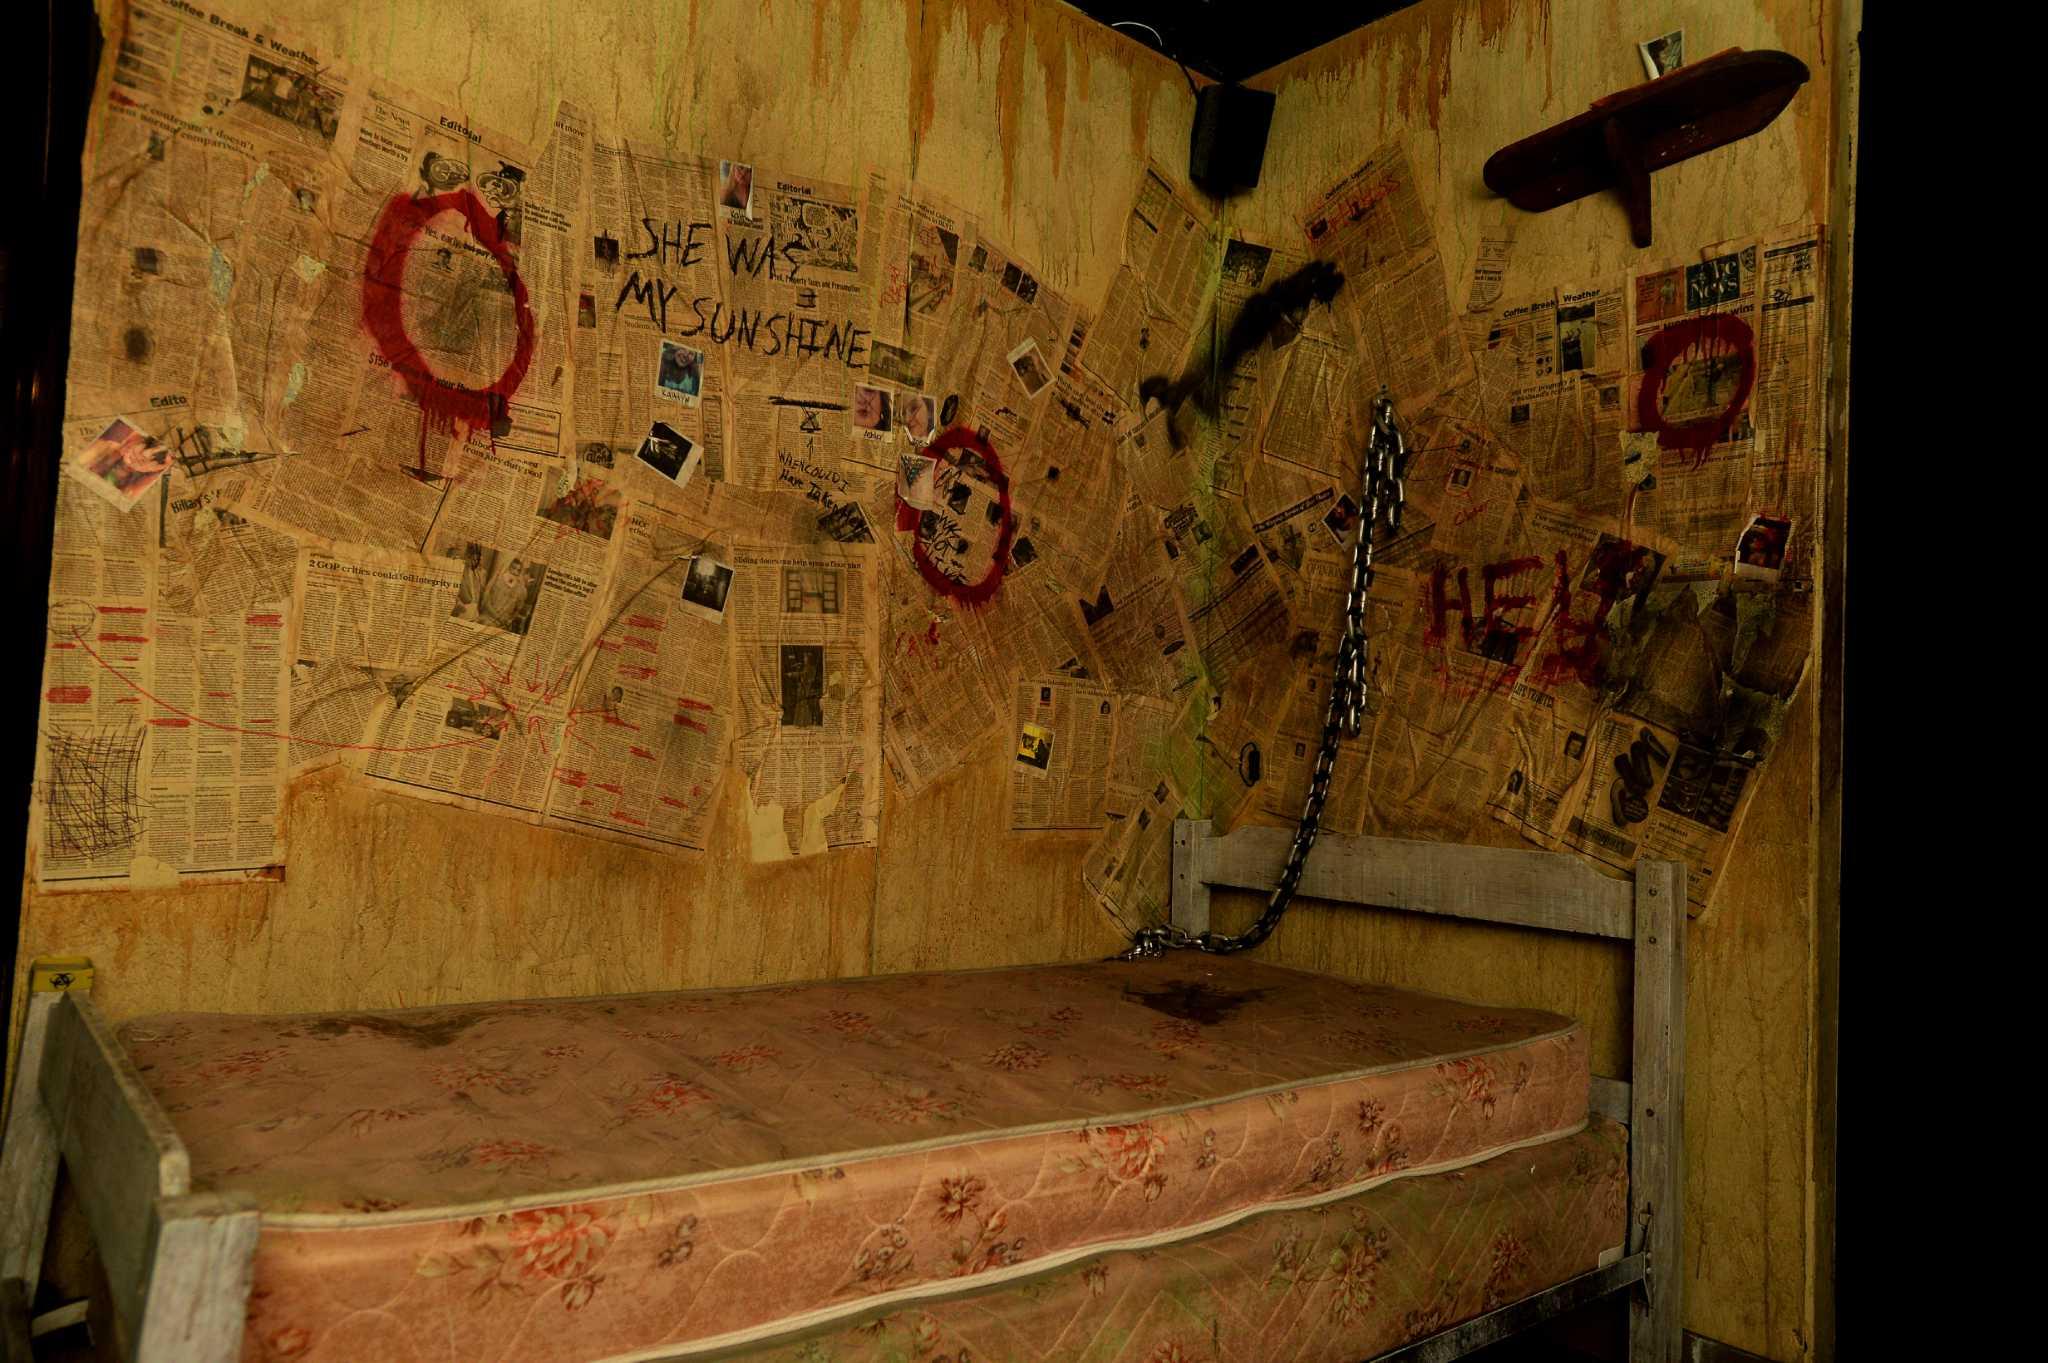 Escape room phenomenon expands to Beaumont - Beaumont Enterprise